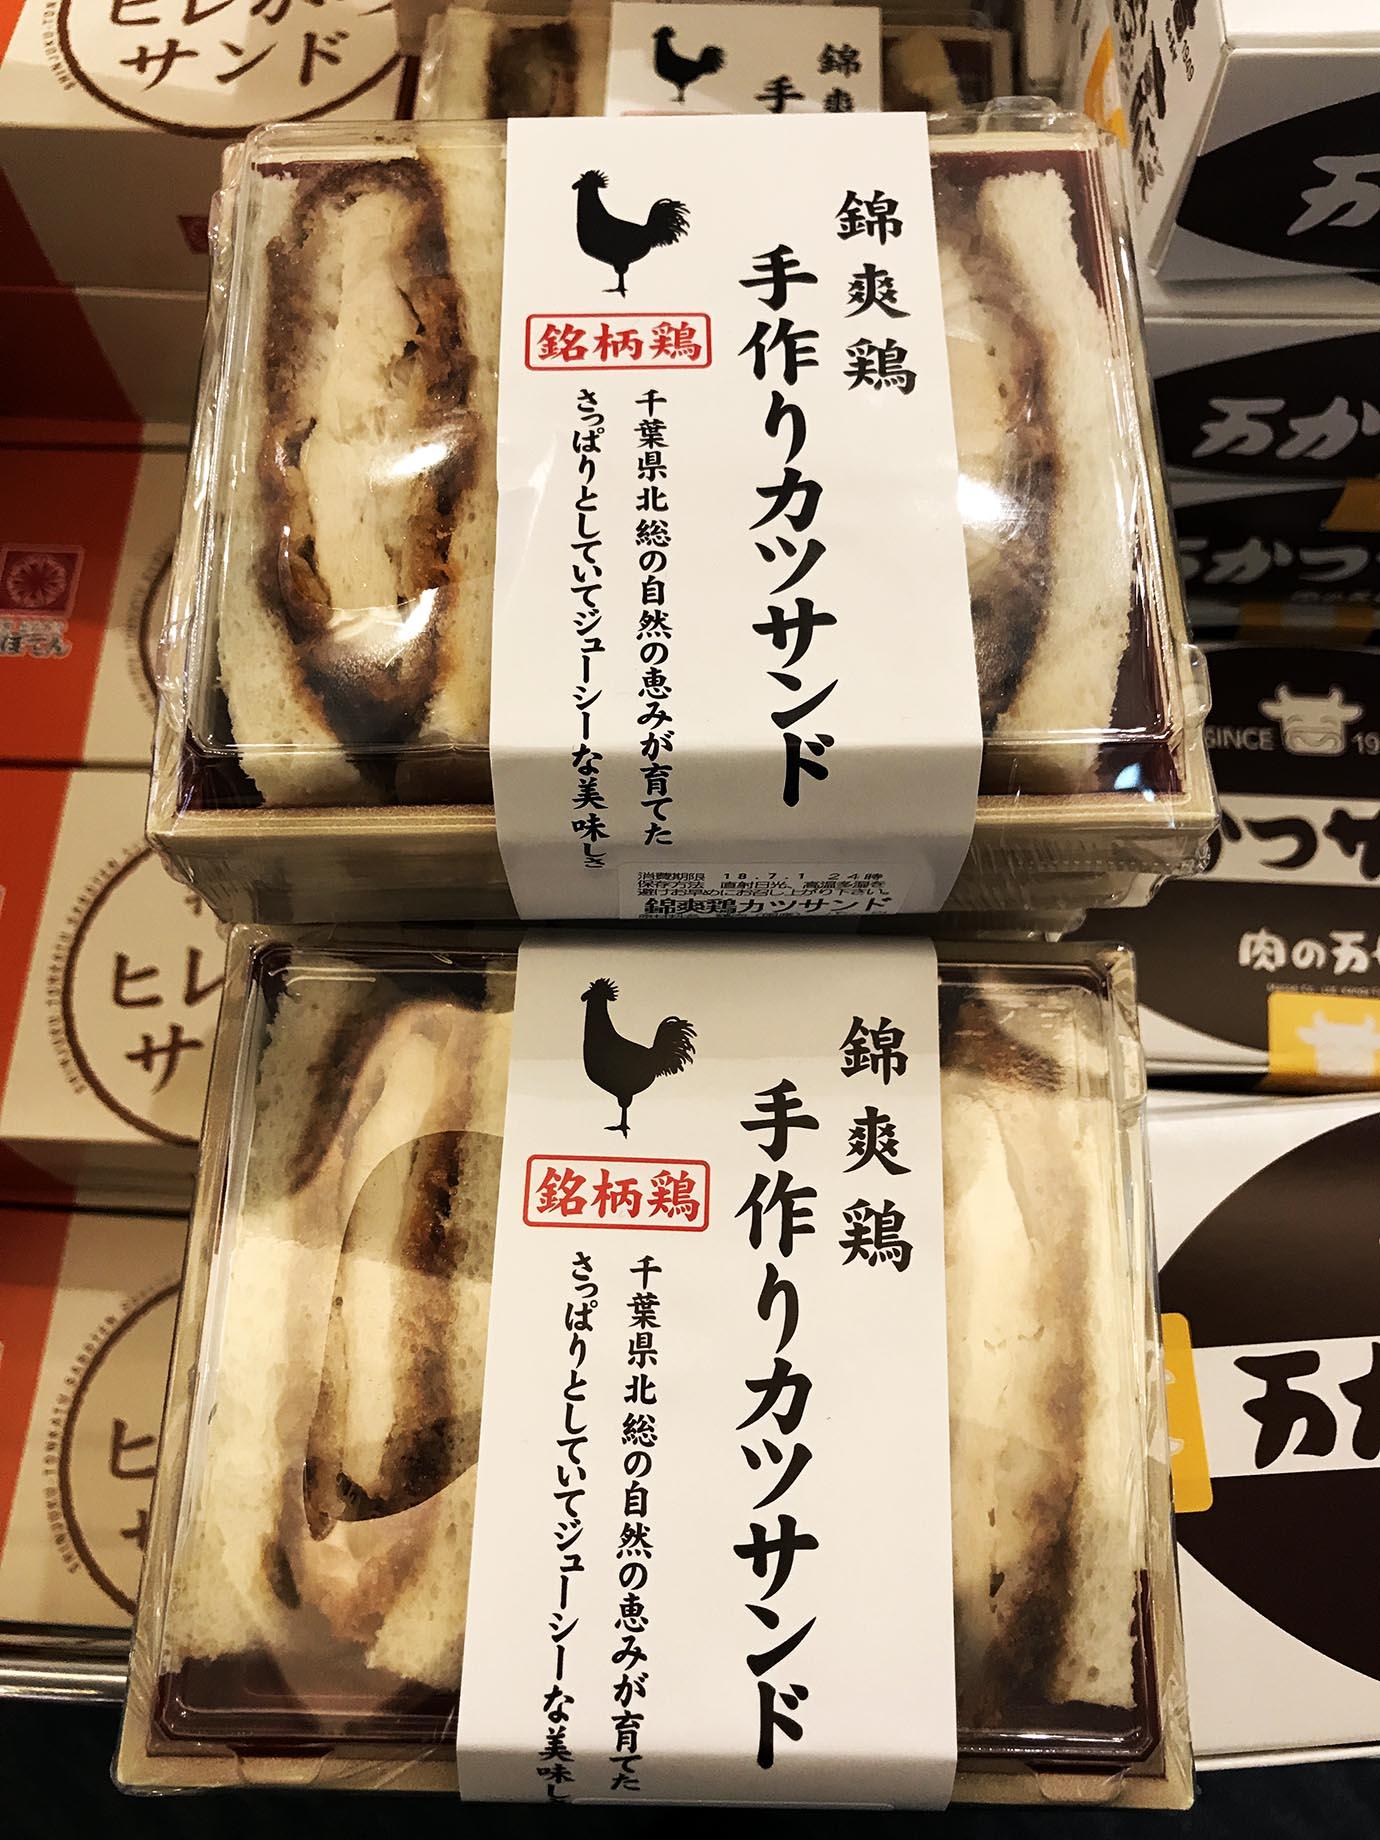 haneda-katsusand